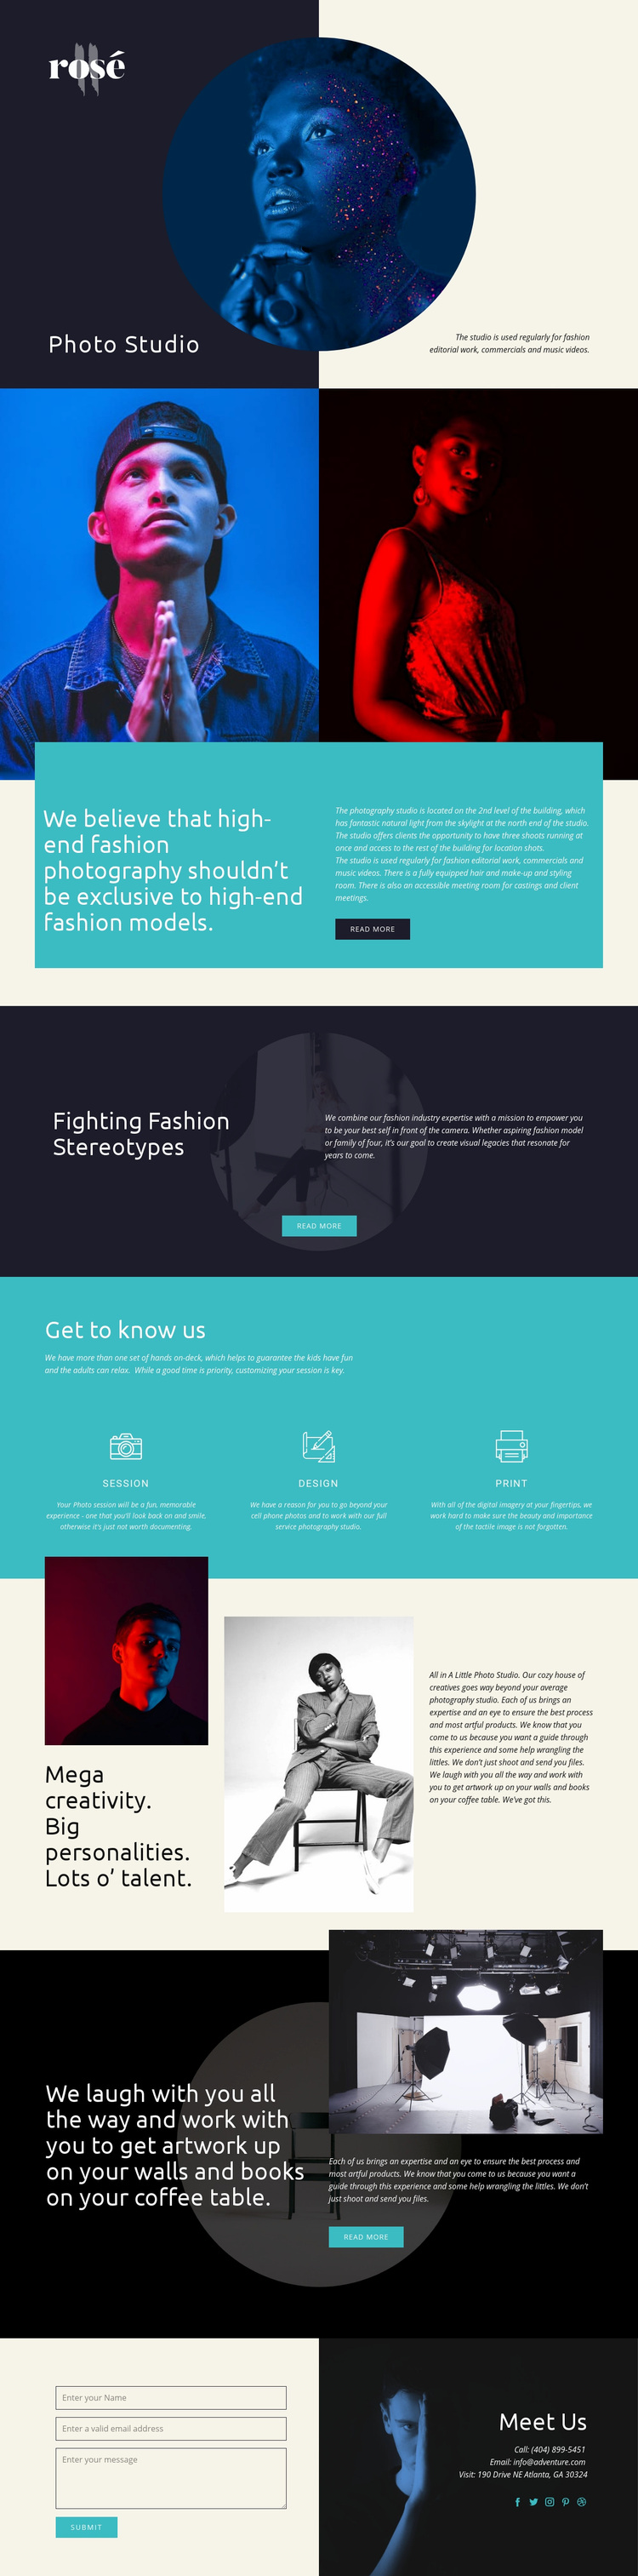 Rose Web Page Designer